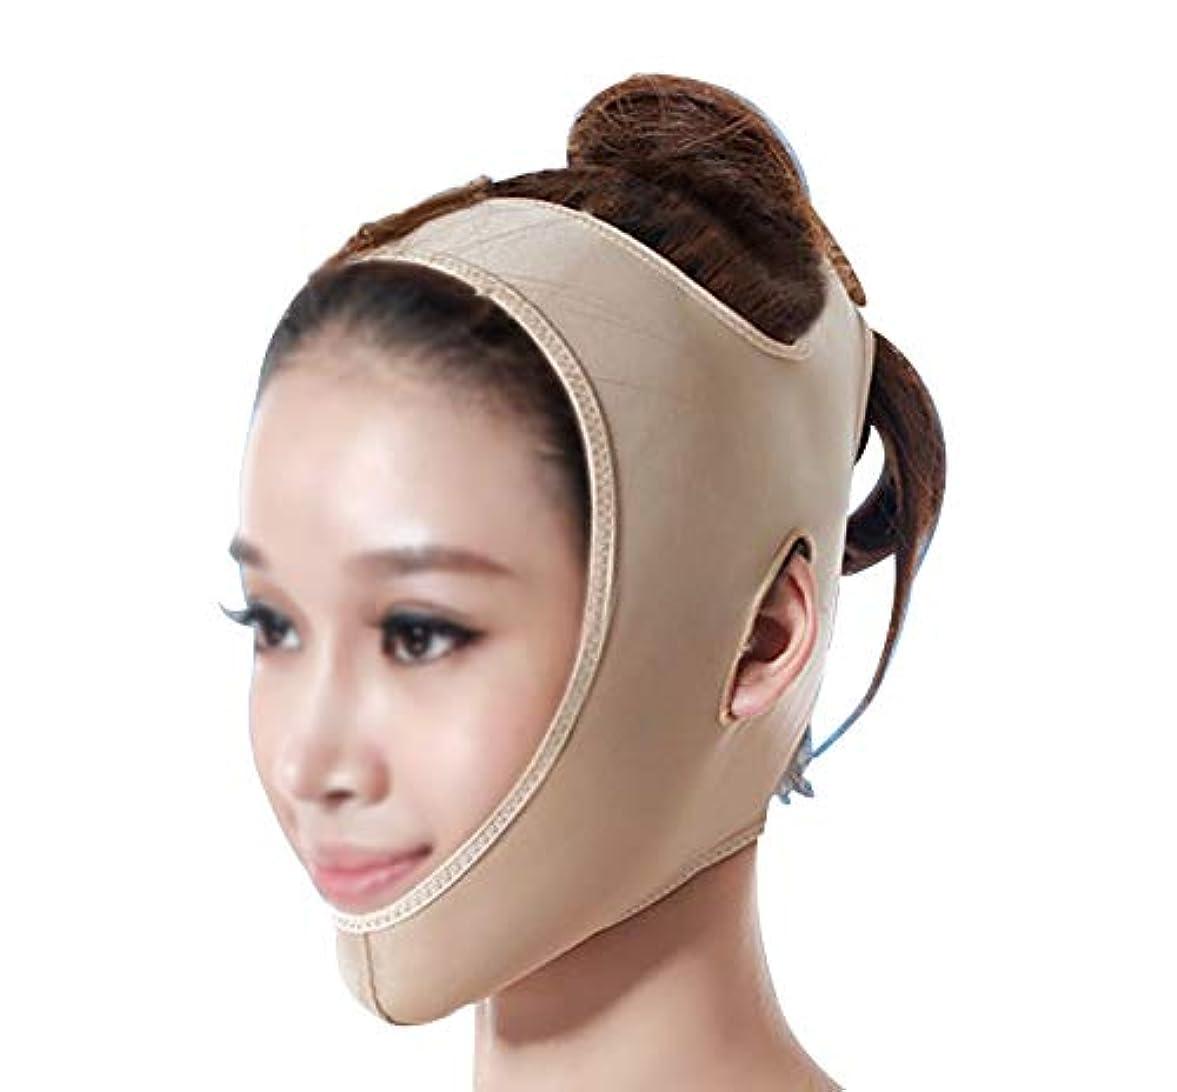 TLMY 引き締めマスクマスク美容薬マスク美容V顔包帯ライン彫刻引き締めしっかりダブルチンマスク 顔用整形マスク (Size : M)